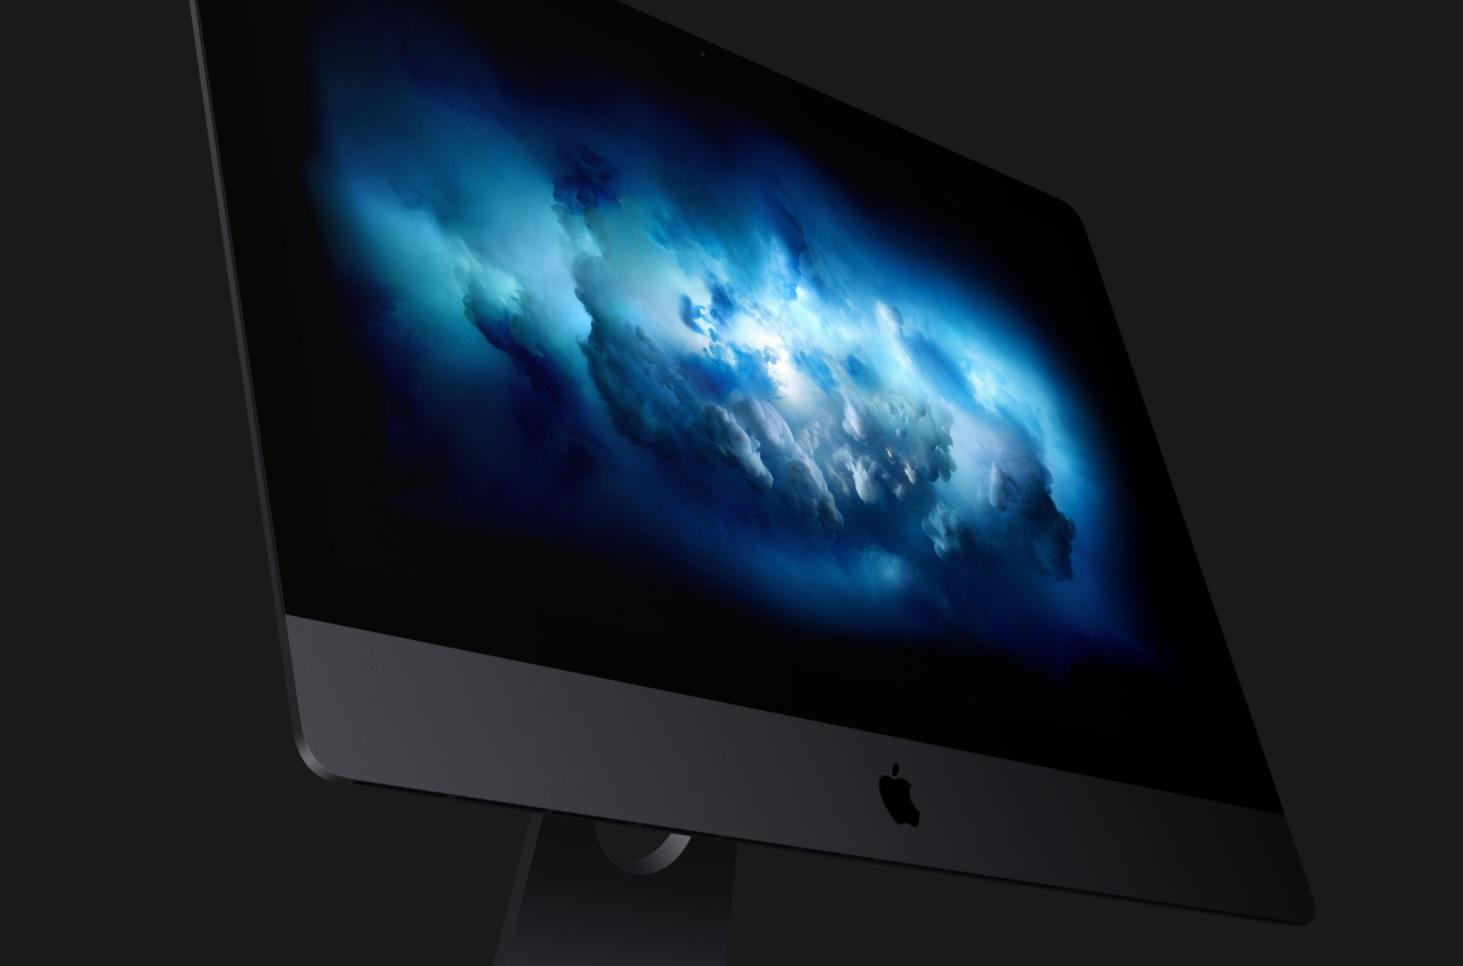 iMac Pro lanseres i desember, men det ventes at MacBook-serien får ARM-brikker fra Apple først.